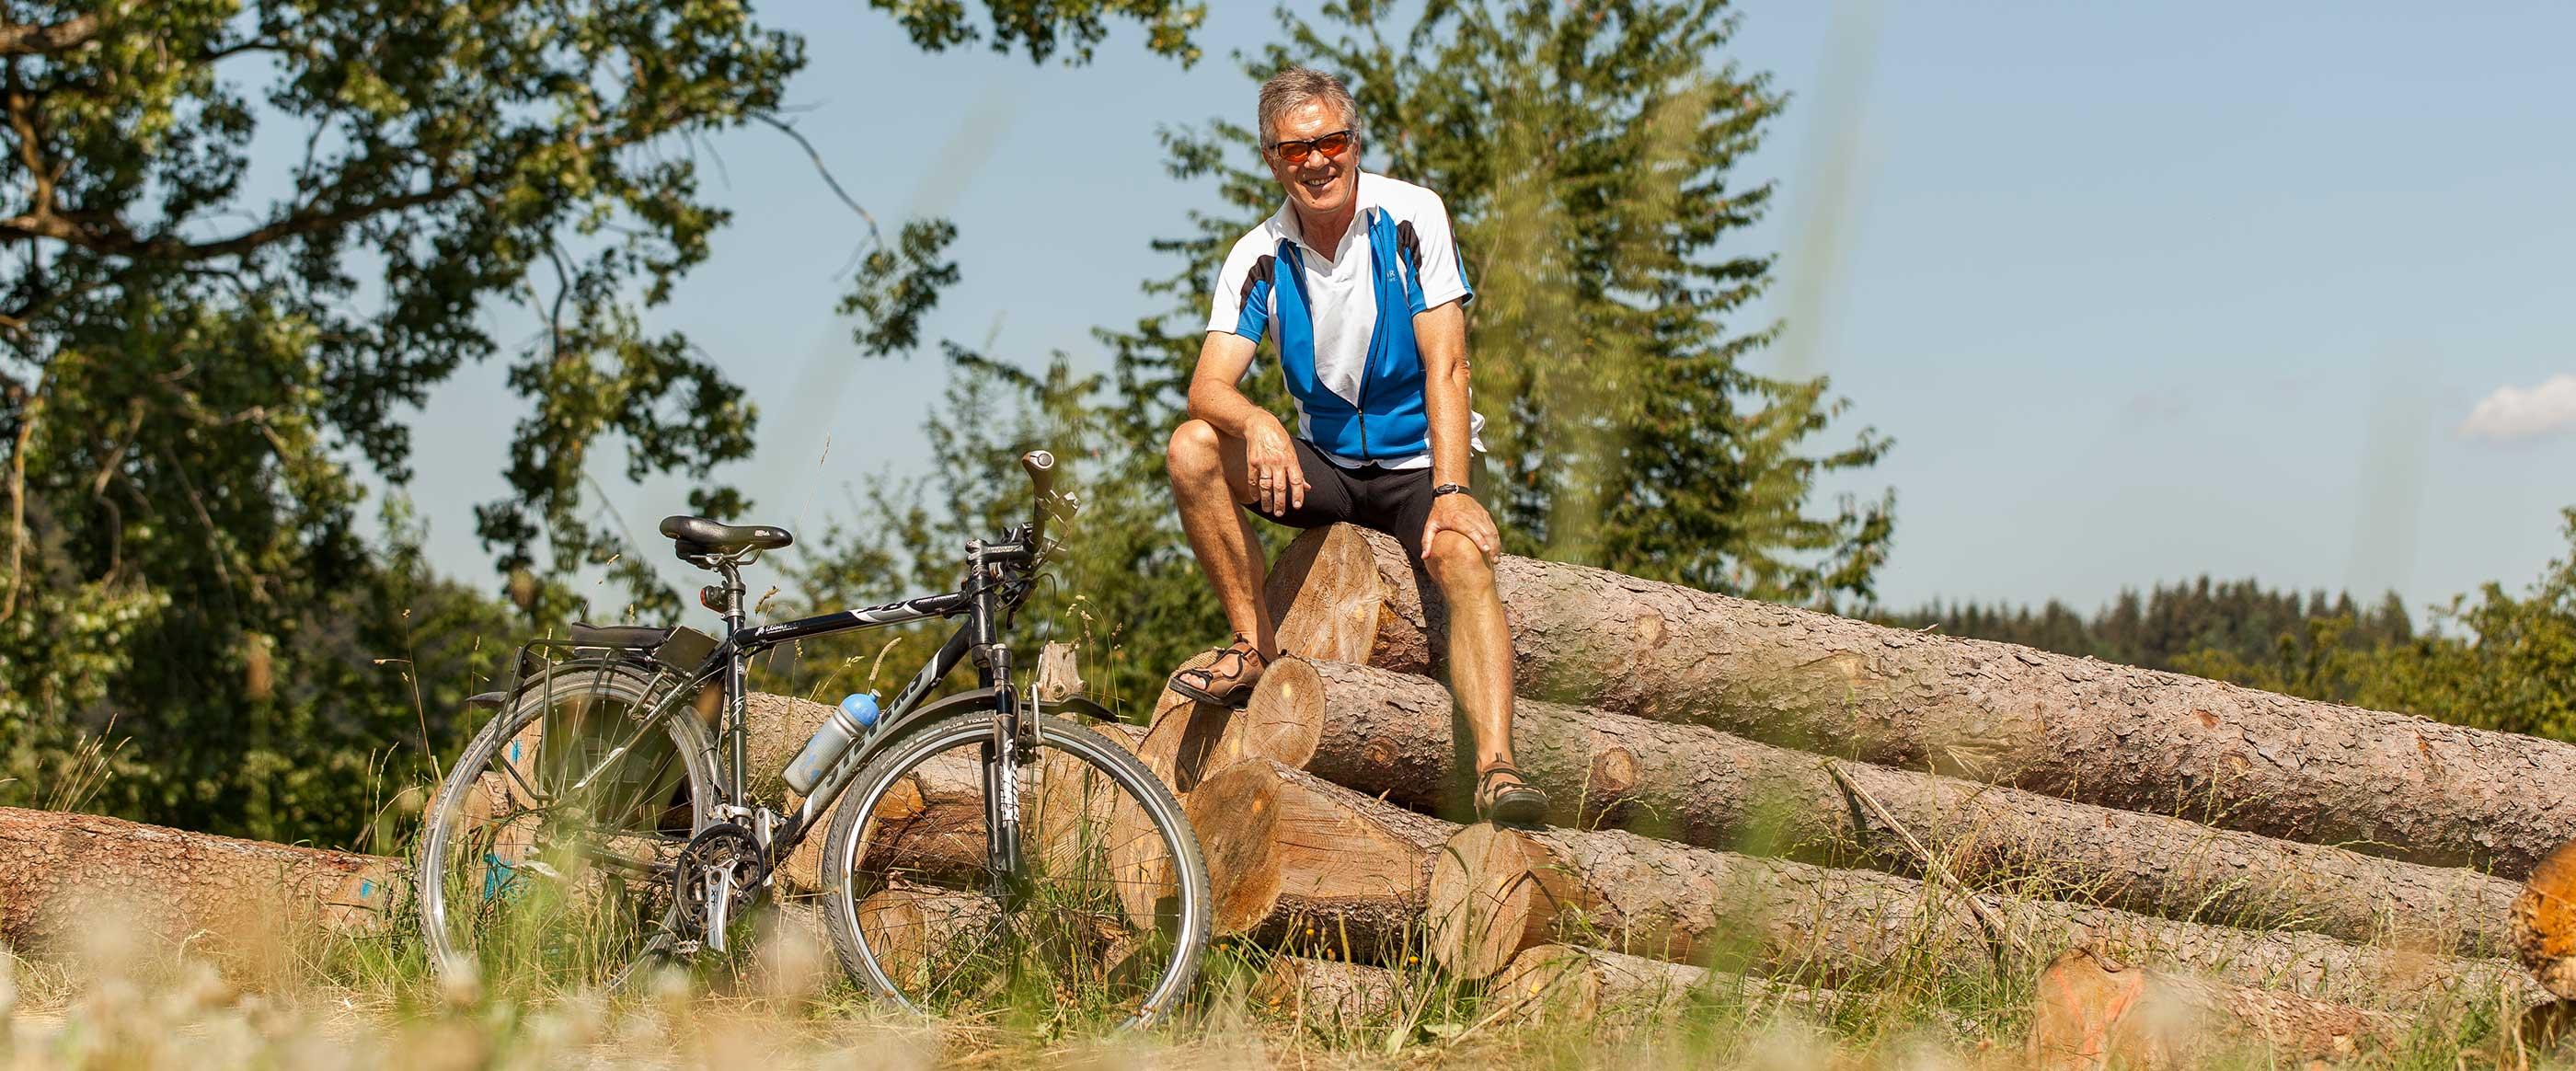 Kurt Gäble liebt Radtouren in der Natur